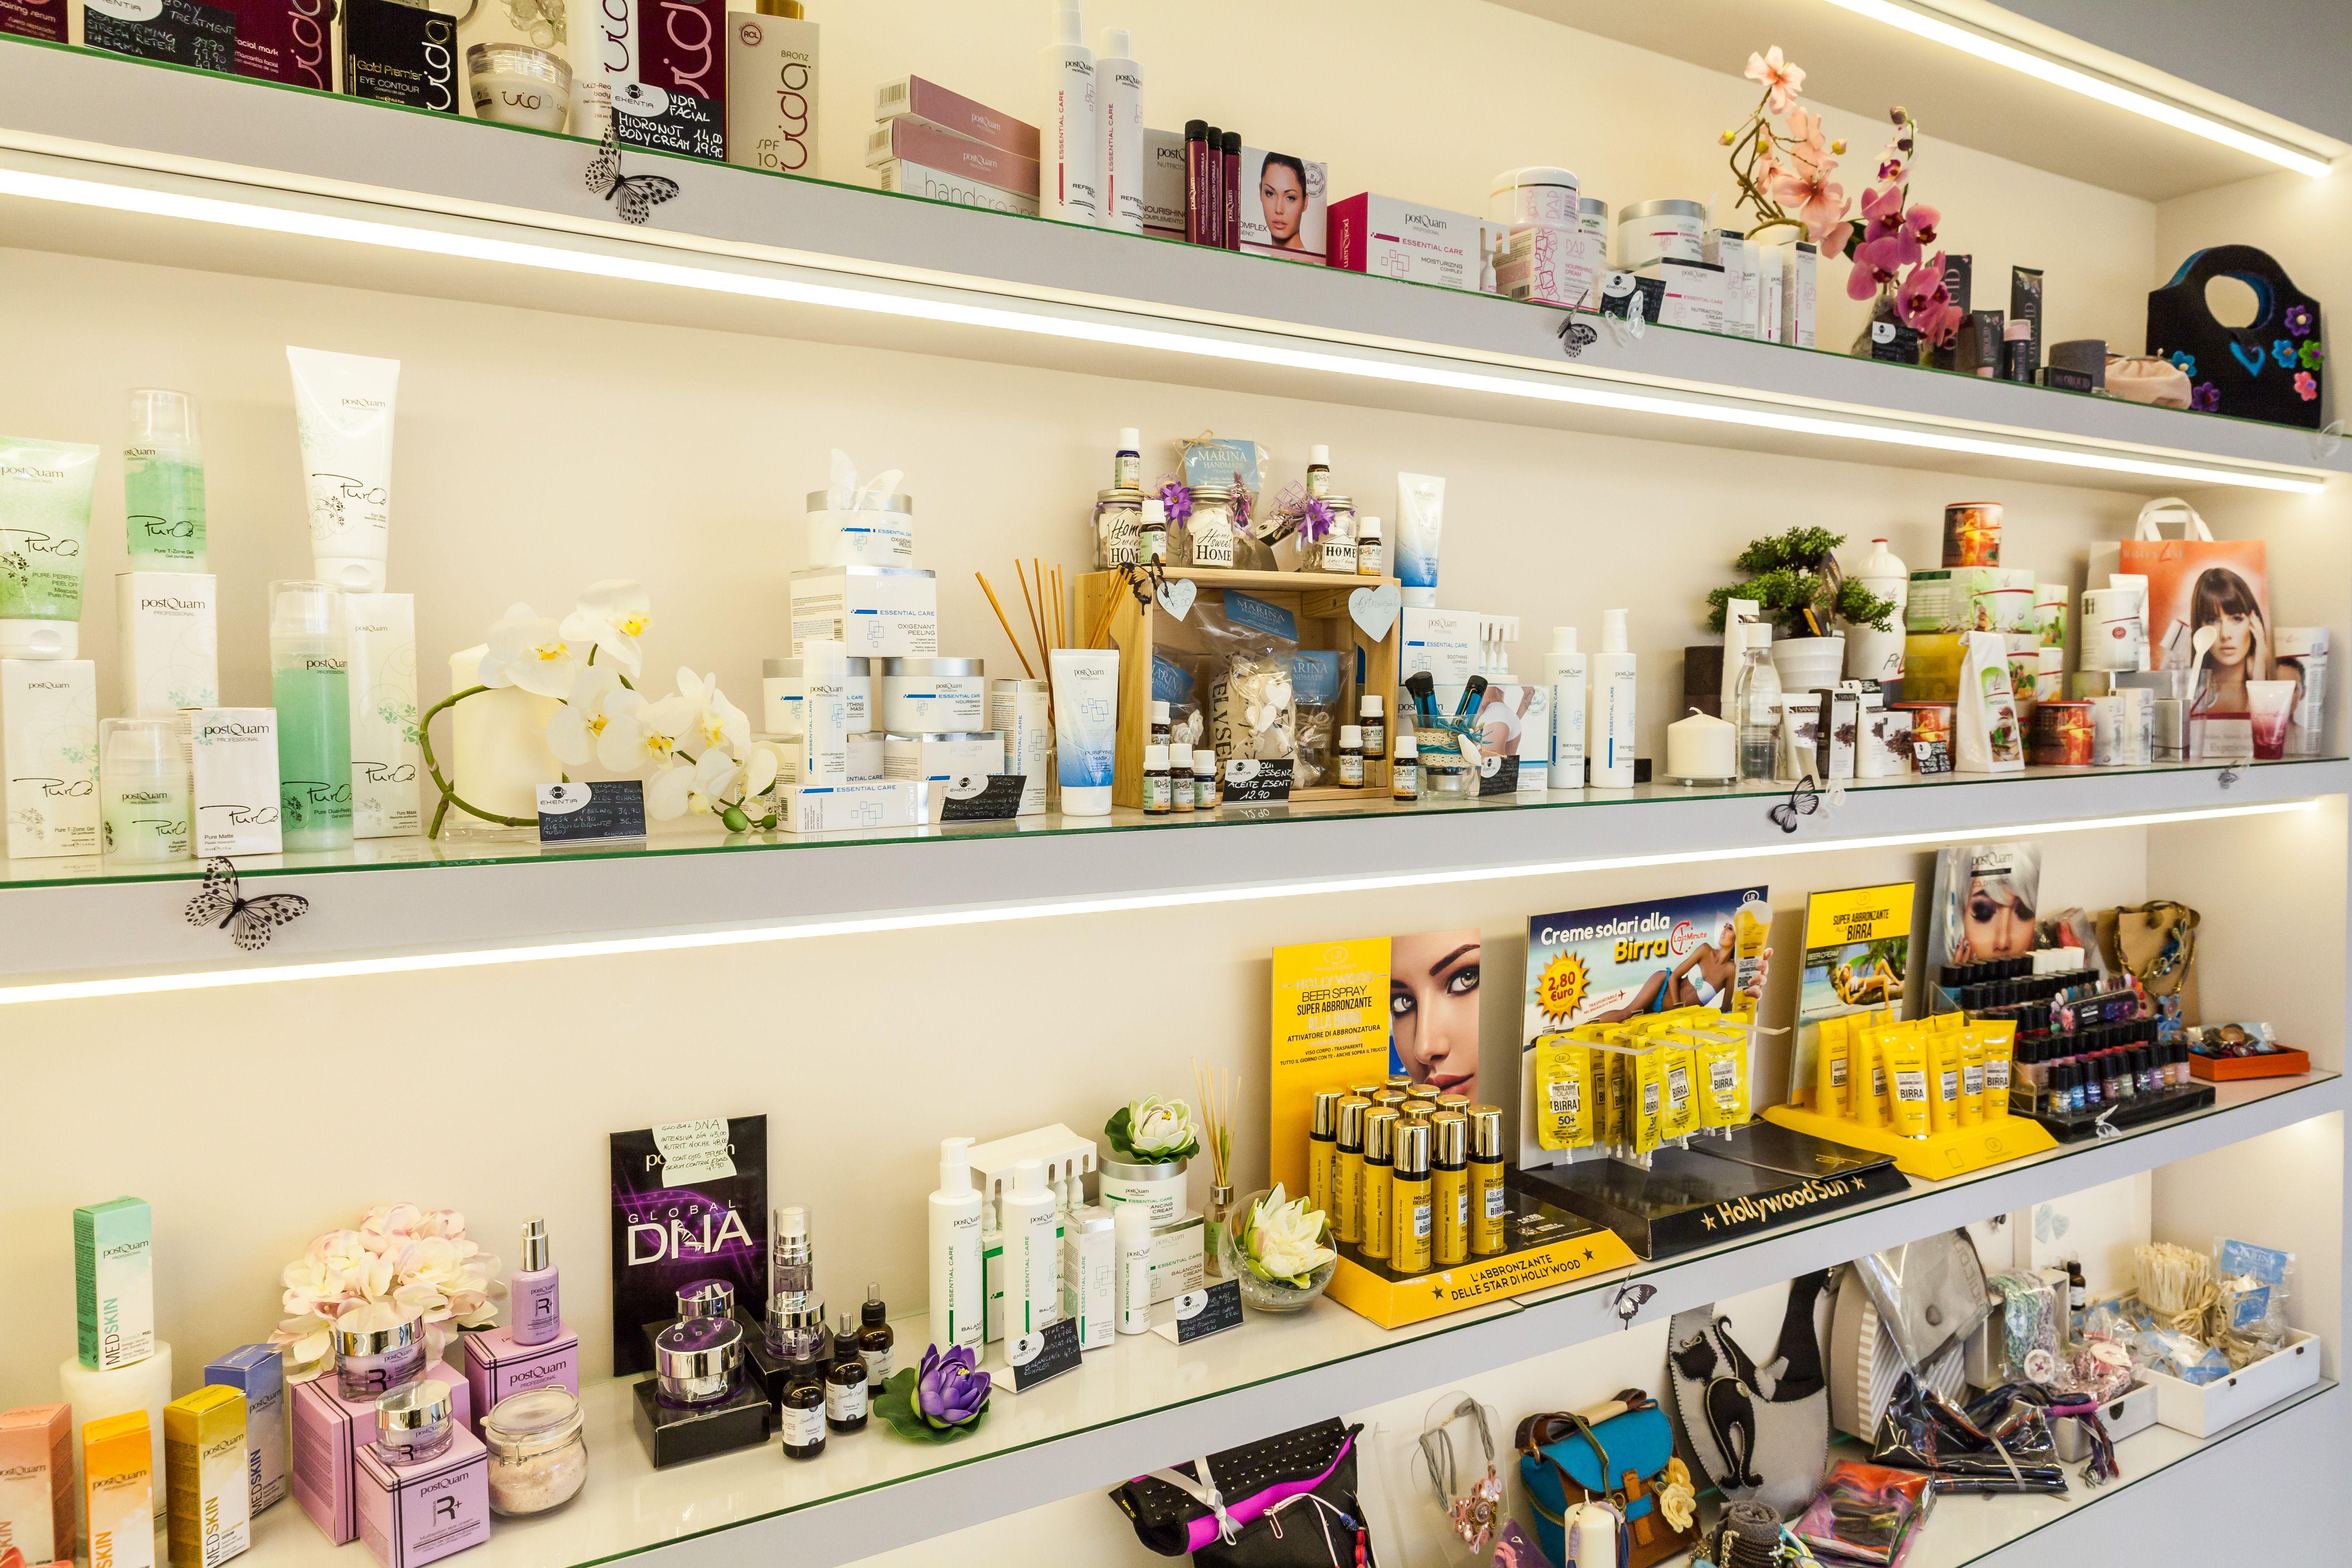 Trabajamos con productos cosméticos de primera calidad, sin parabenos